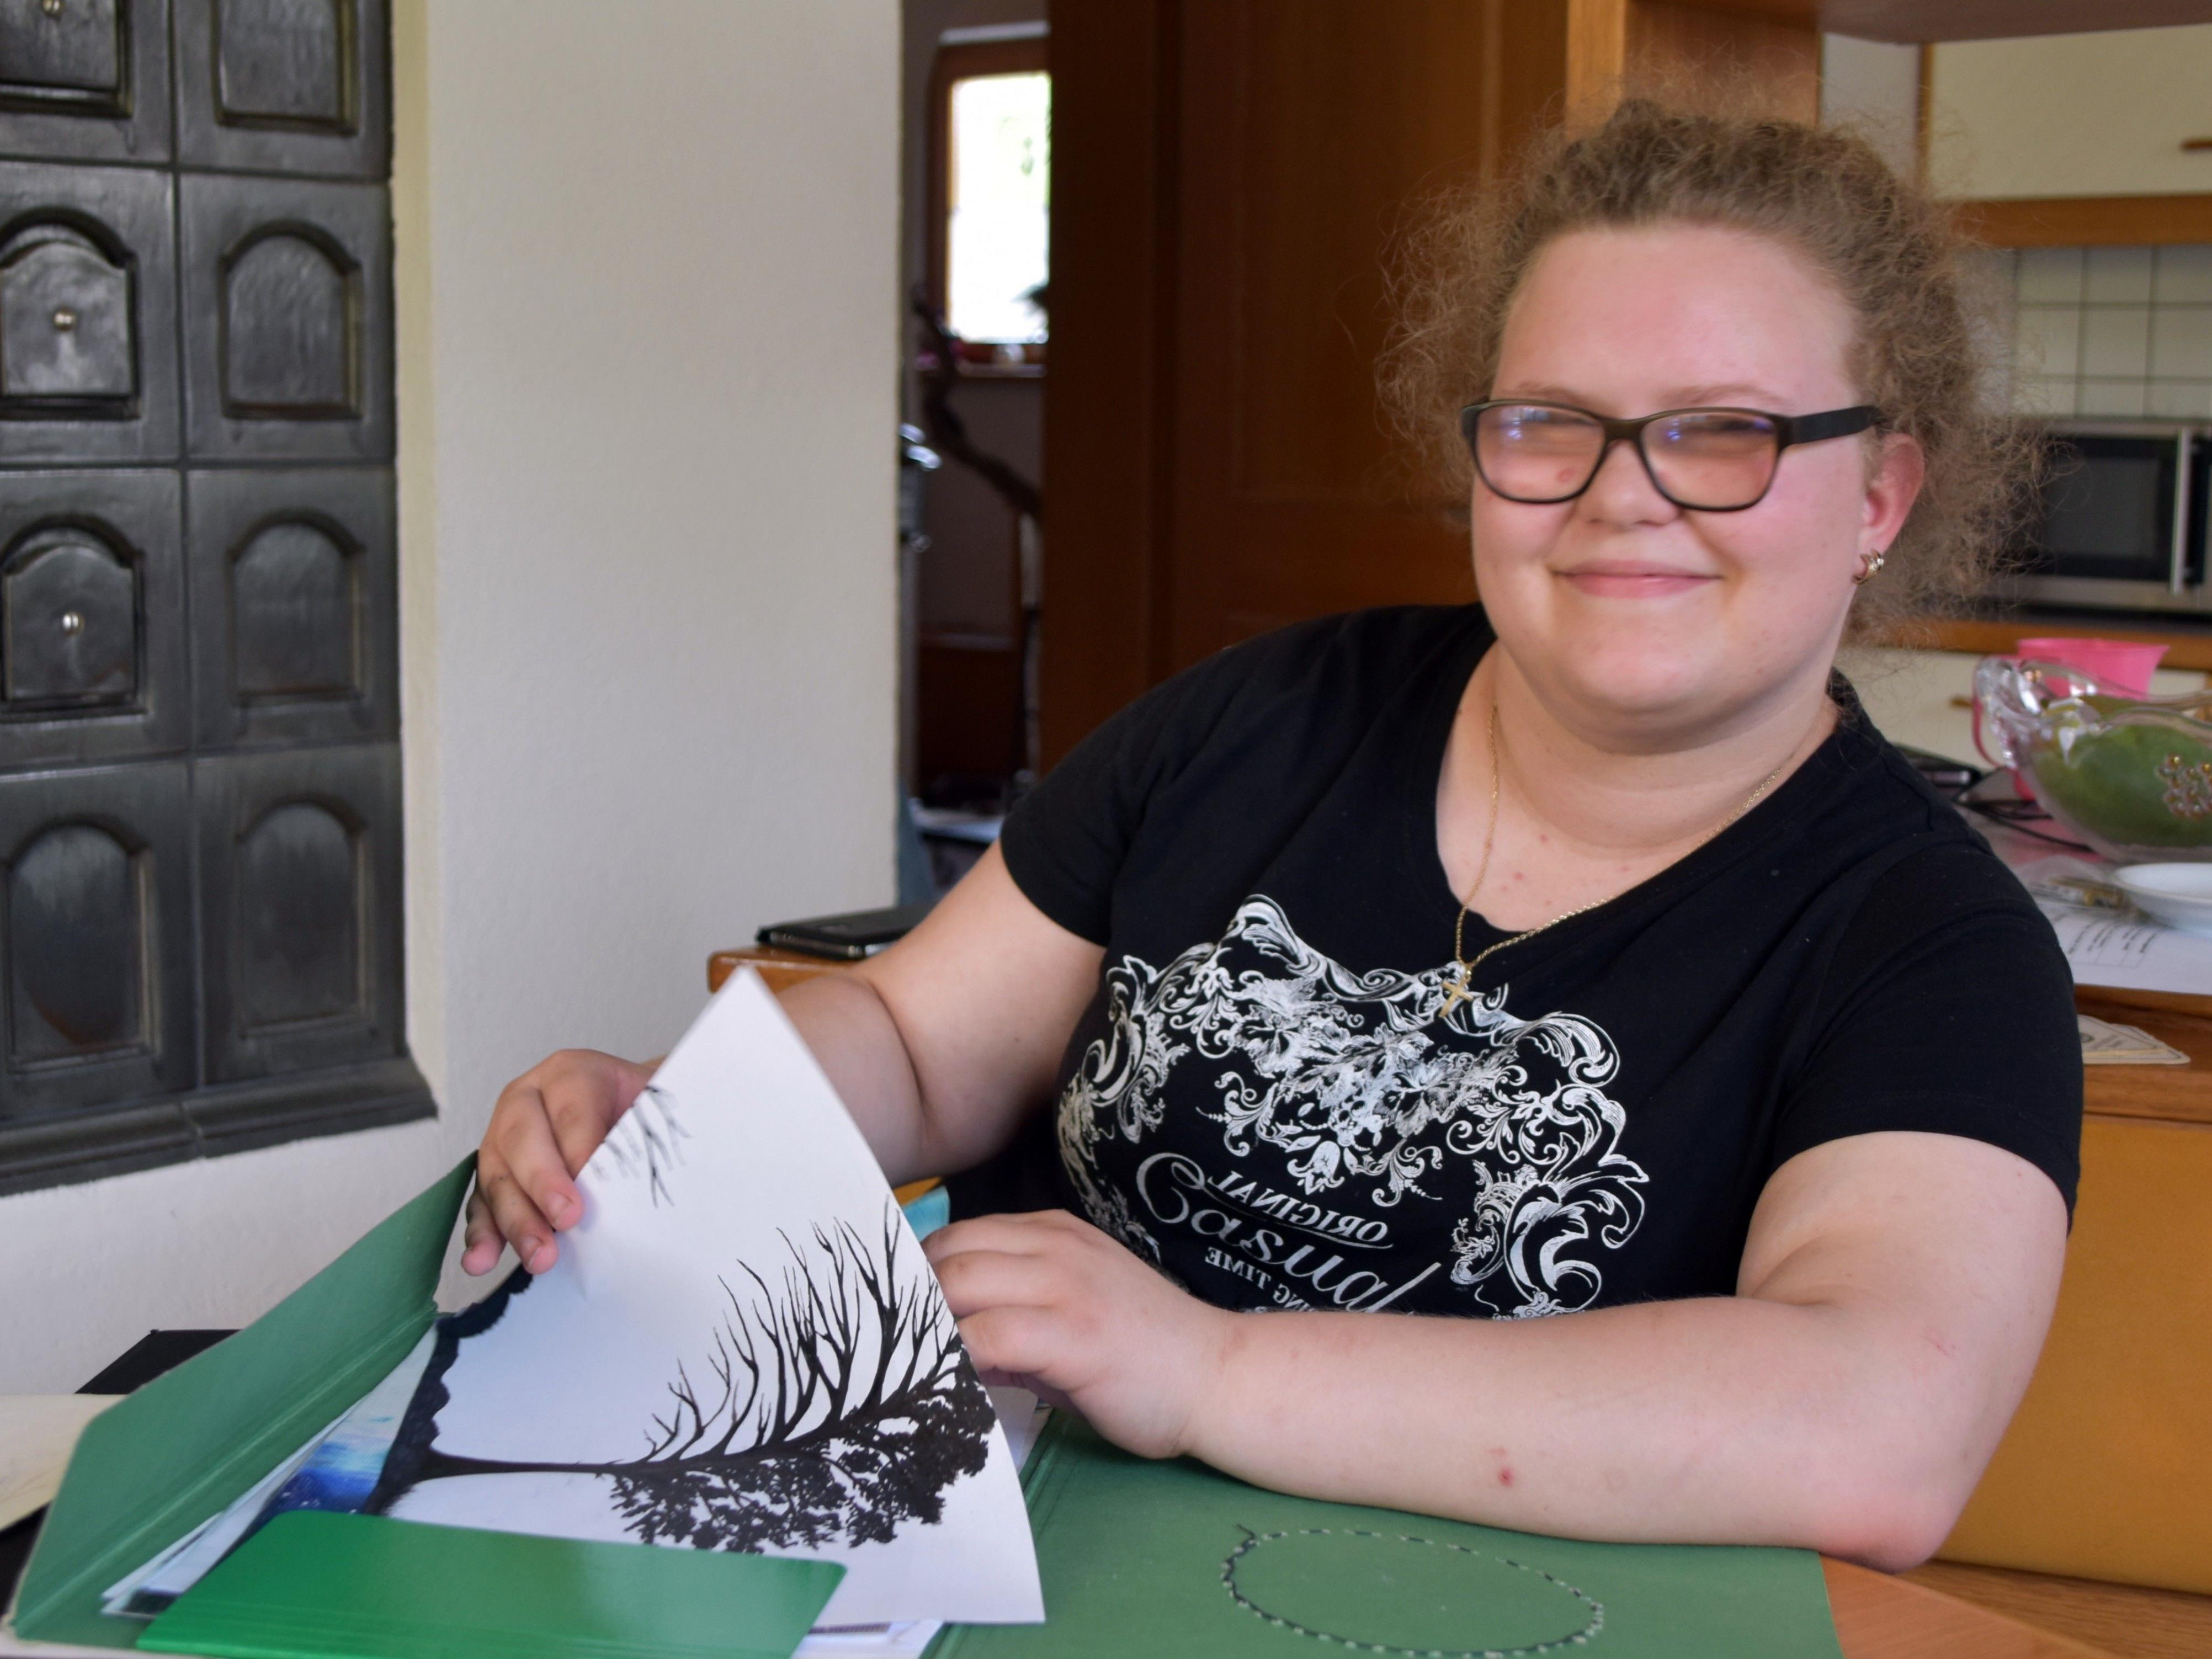 Julia blättert in ihren Mappen